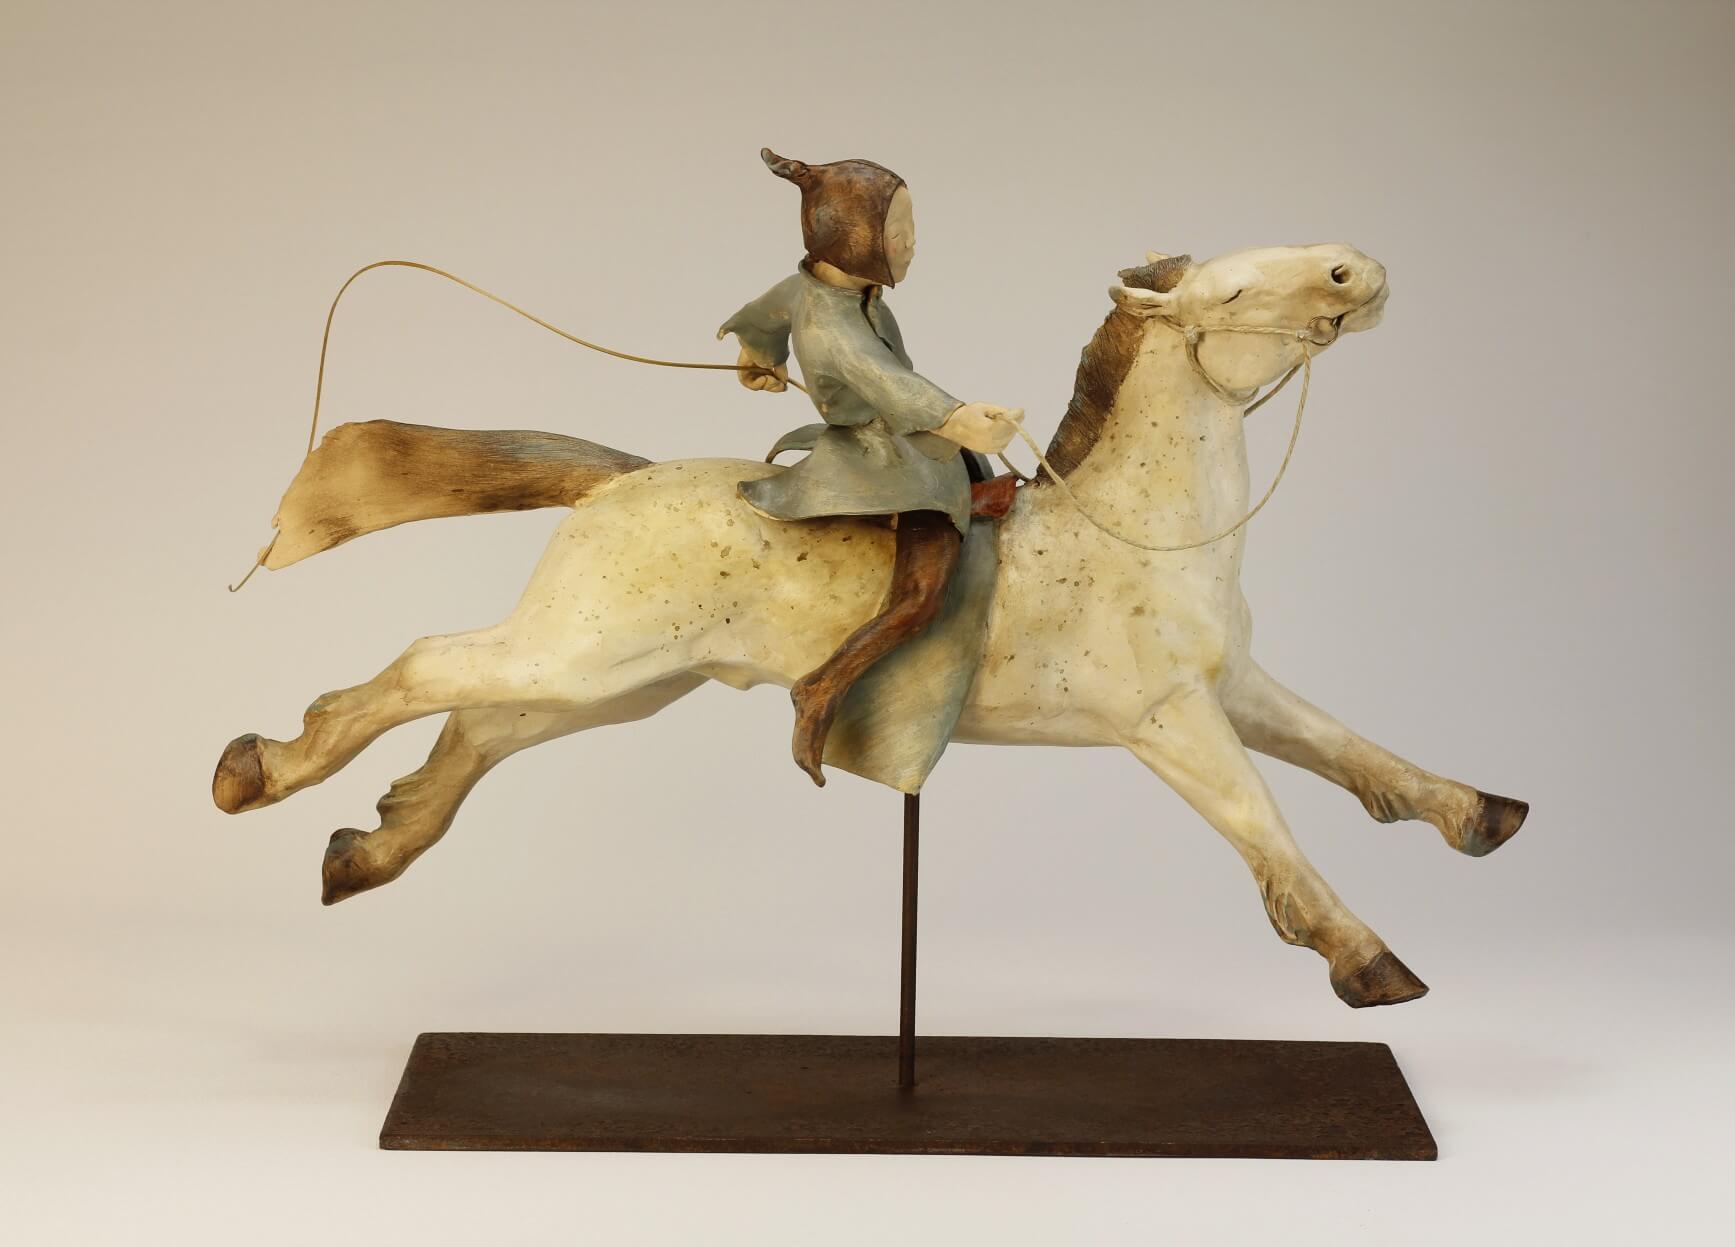 cavalière-maine et loire-sculpture-argile